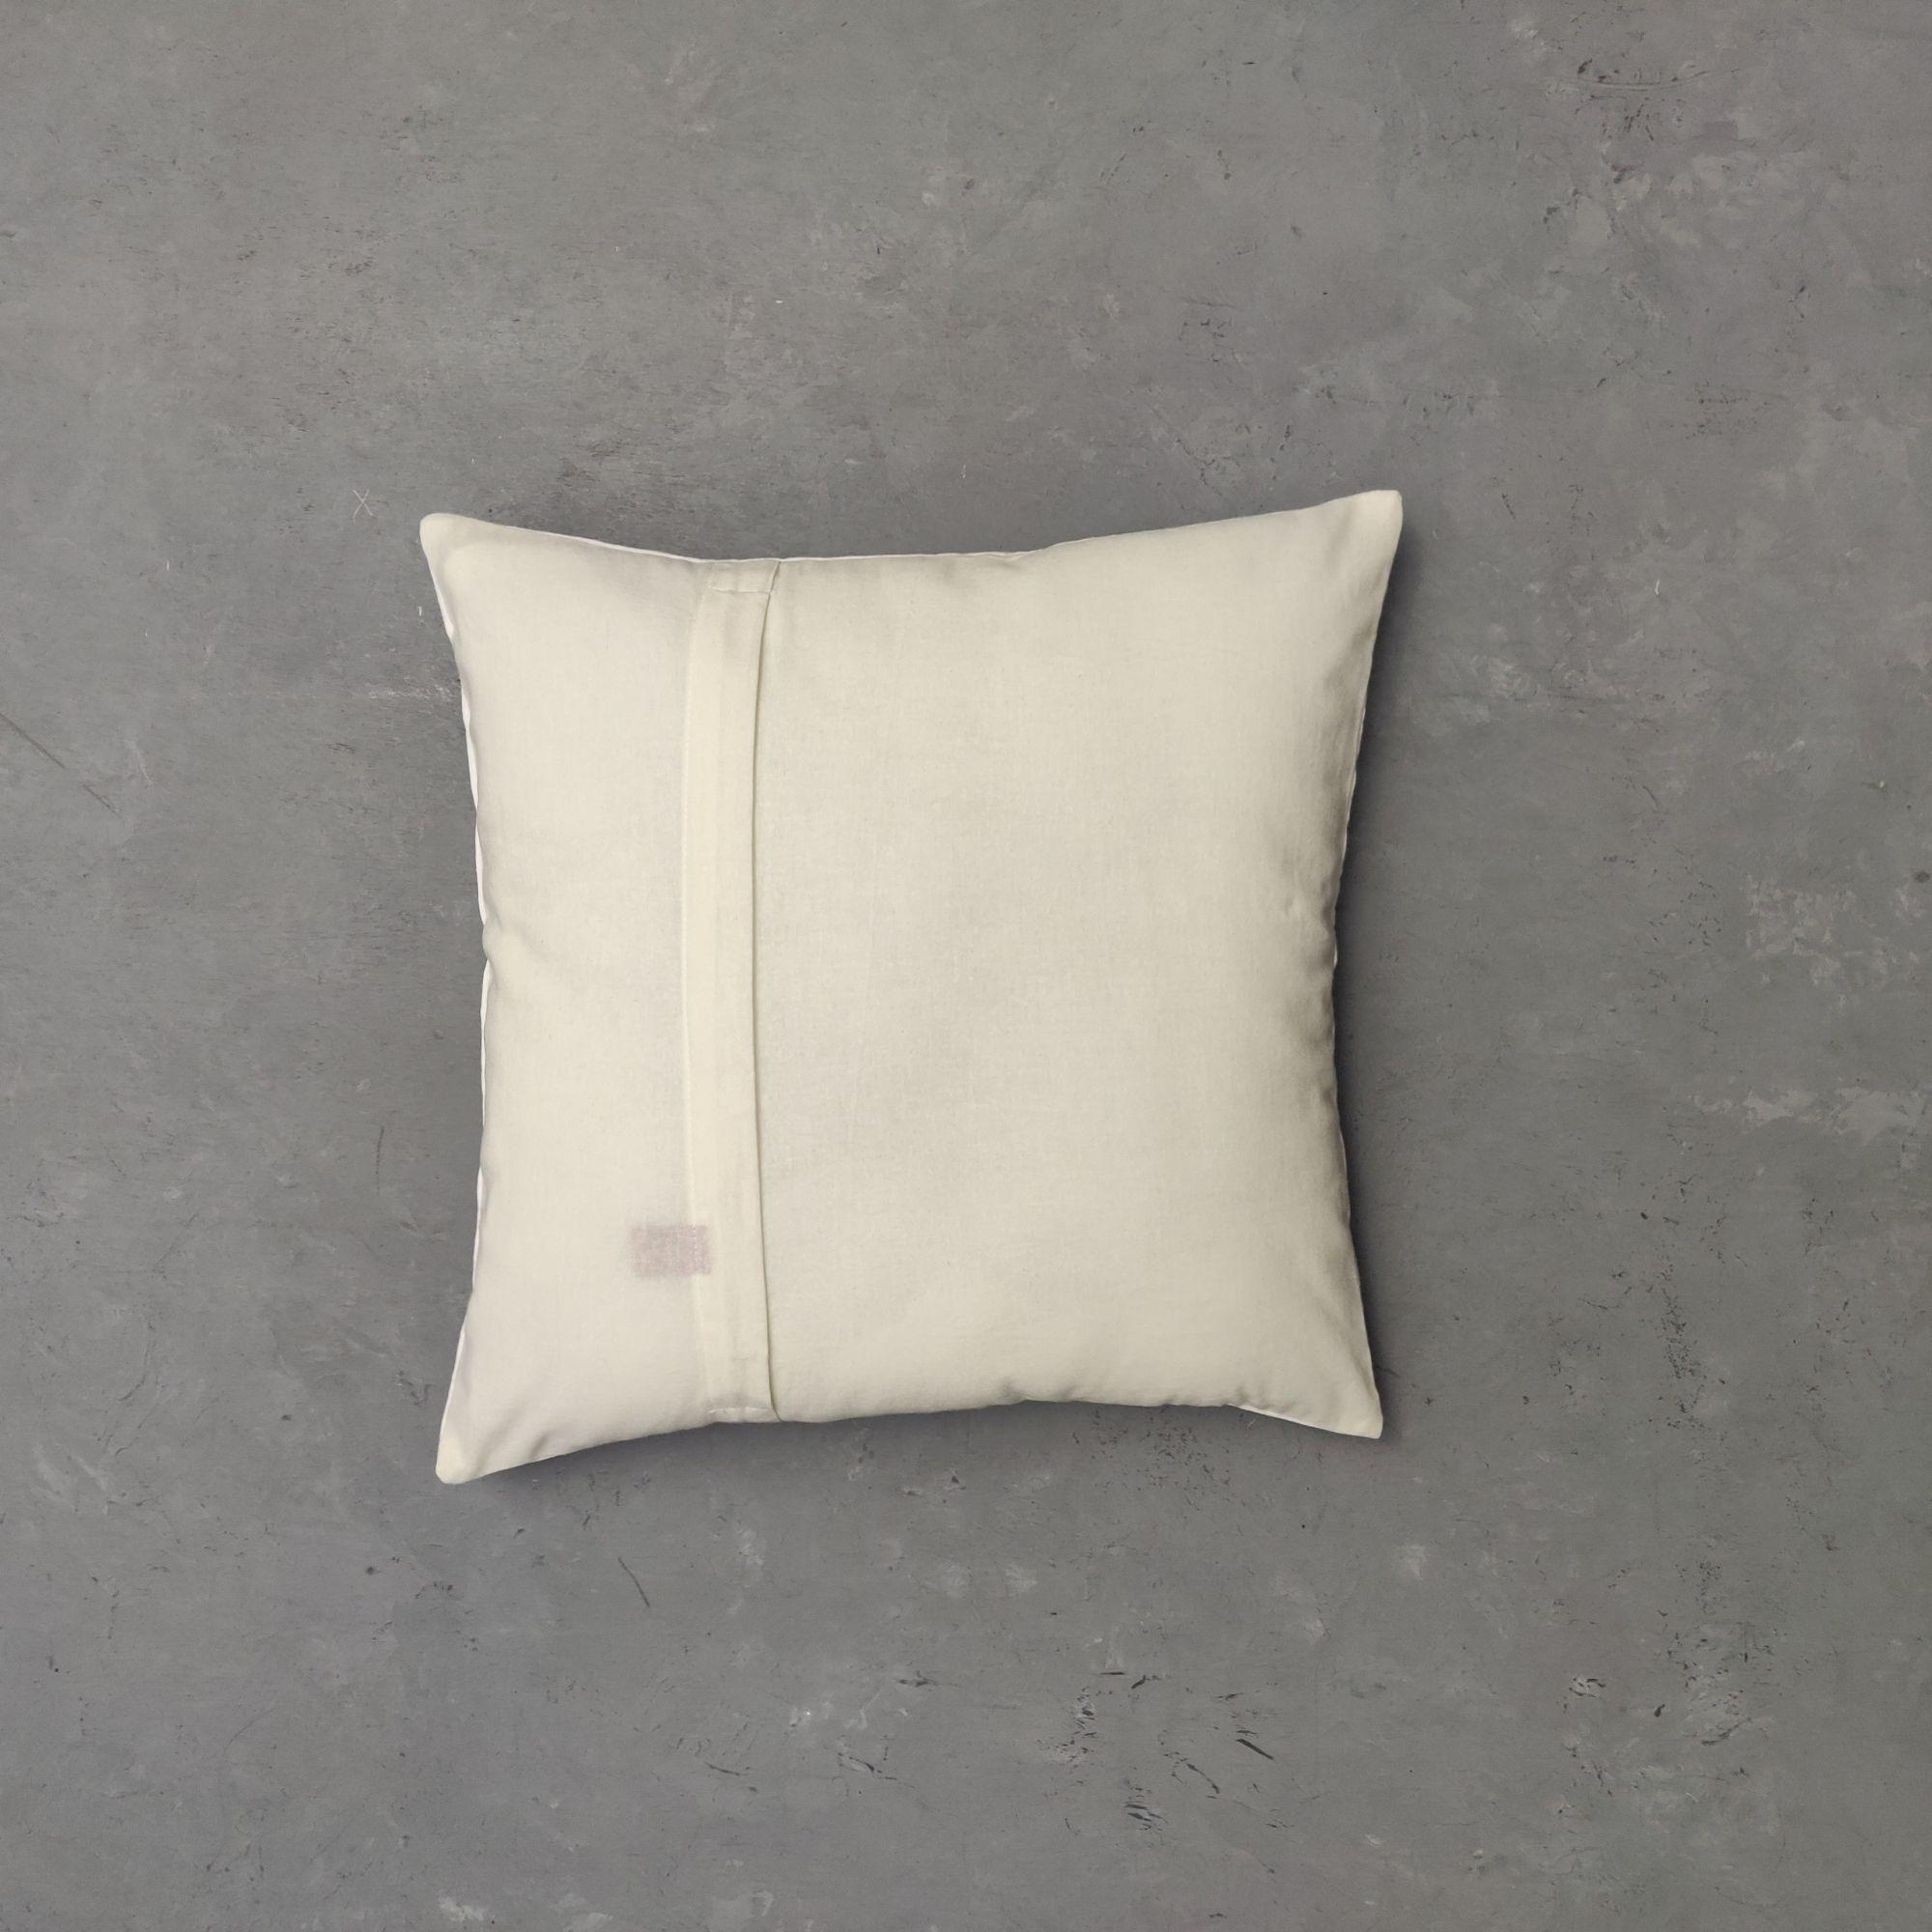 Applic Cushion Cover CCW21